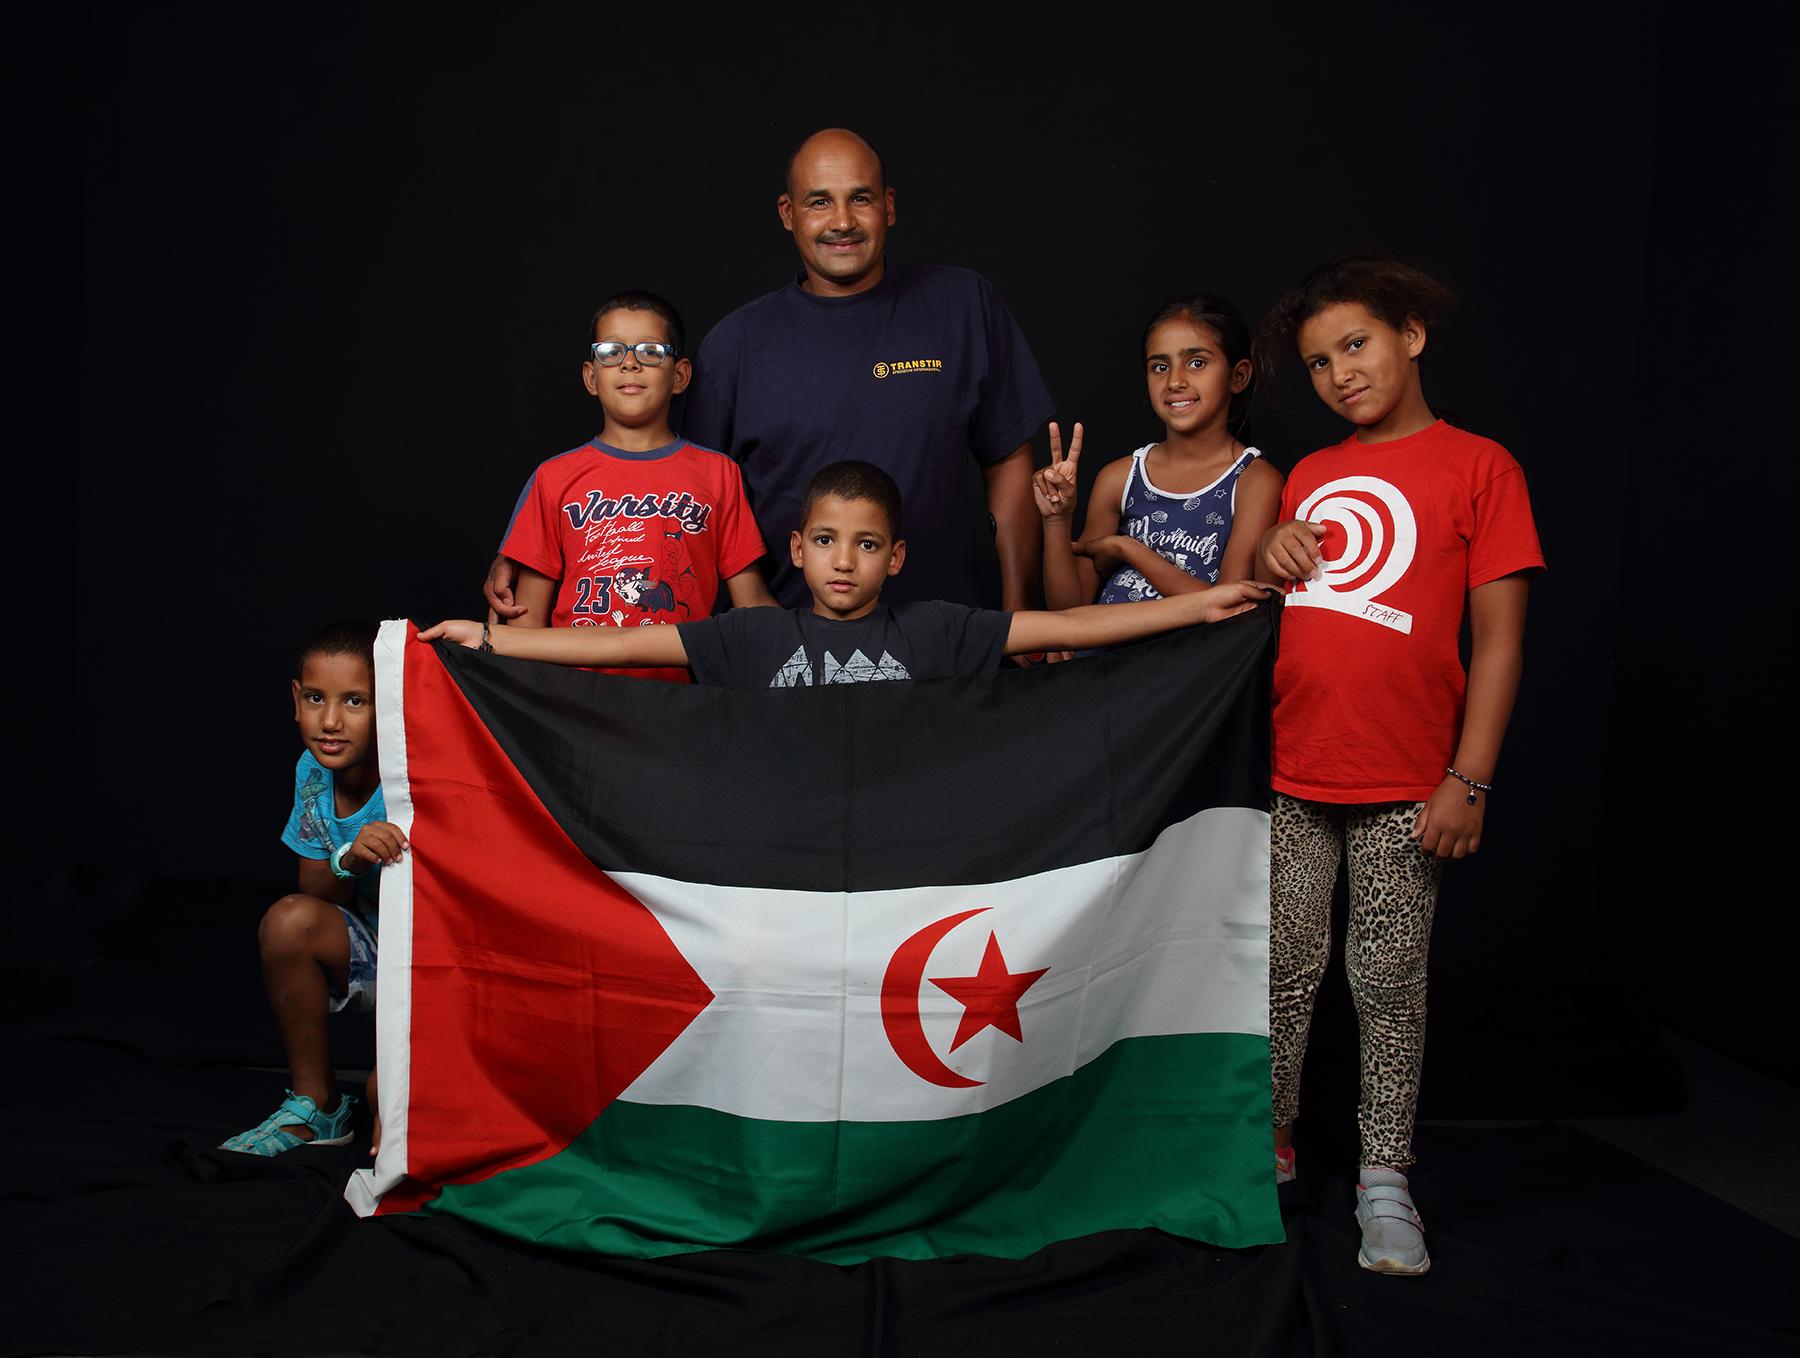 bamnini e Mohamed (Repubblica Saharawi)